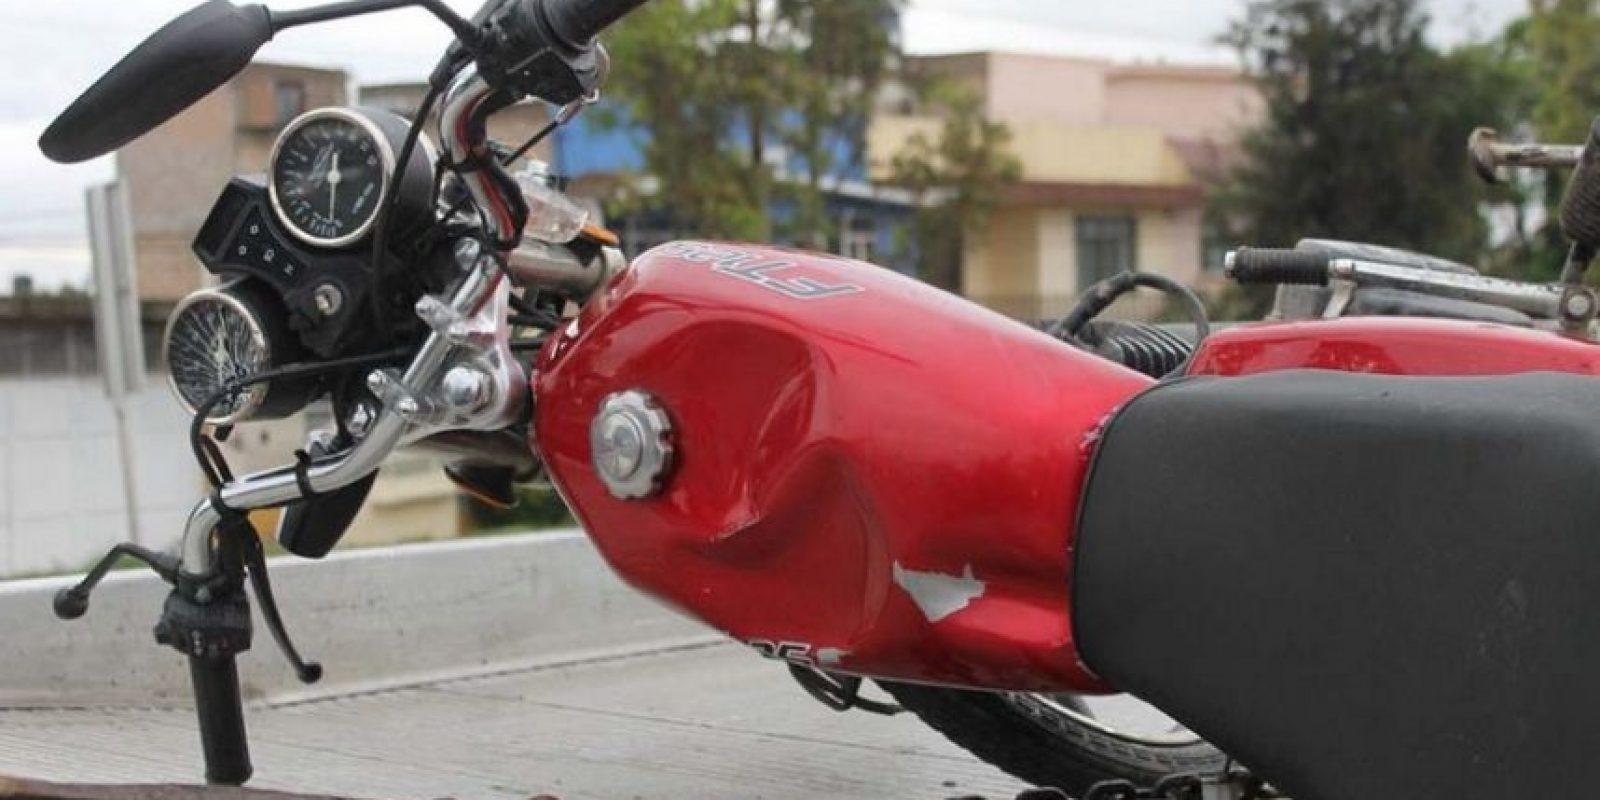 Las investigaciones realizadas por las autoridades revisaron las cámaras de seguridad localizadas en las calles y se percataron de que la camioneta iba siguiendo a la moto. Foto:Pinterest